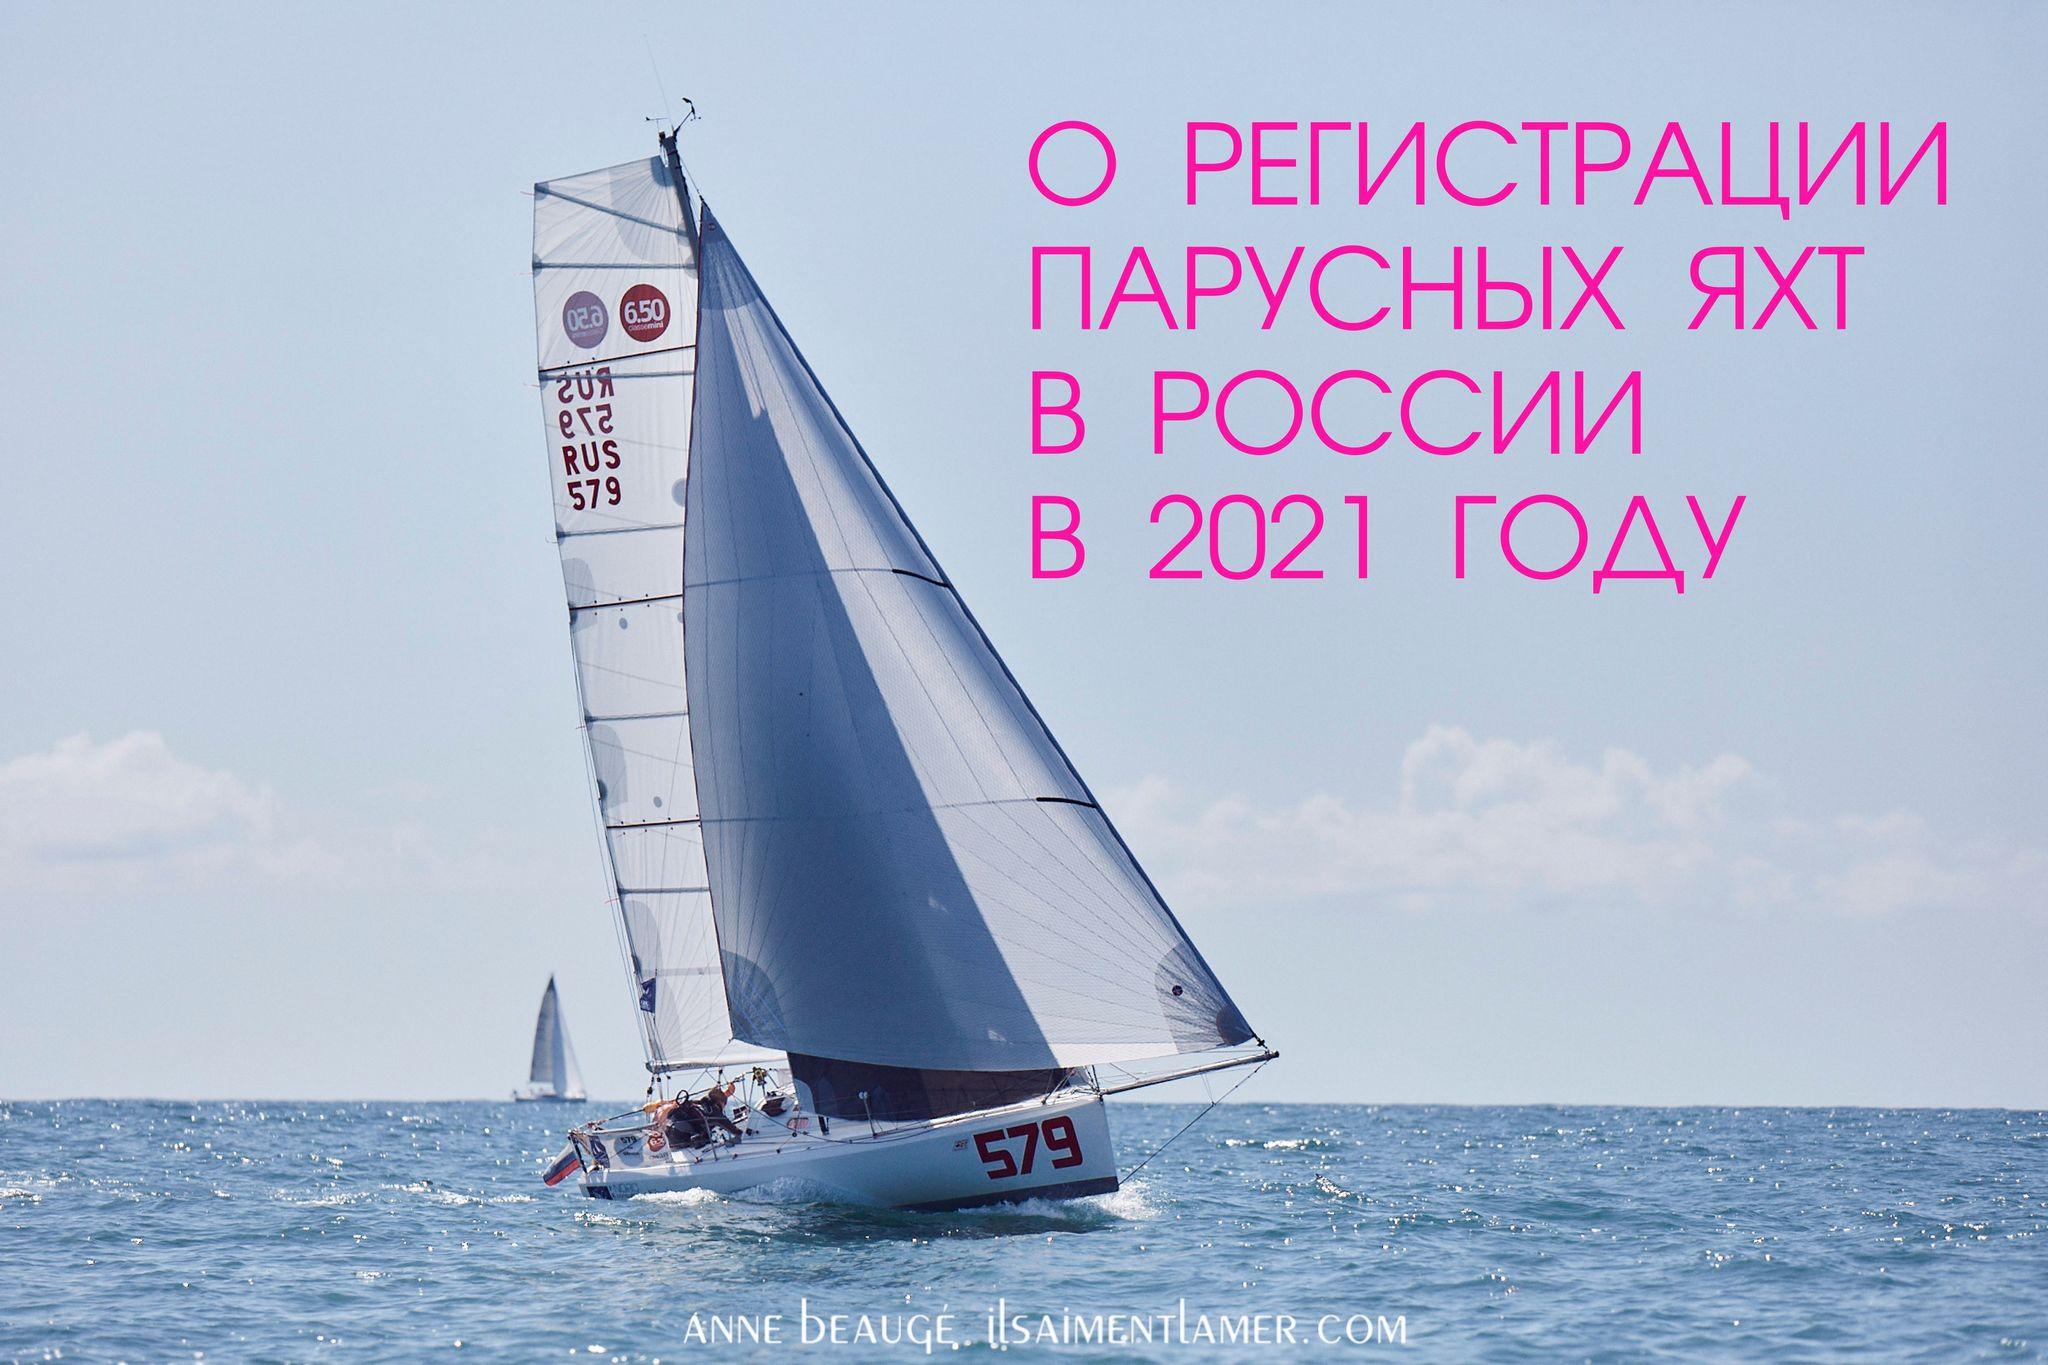 О РЕГИСТРАЦИИ ПАРУСНЫХ ЯХТ В РОССИИ В 2021 ГОДУ